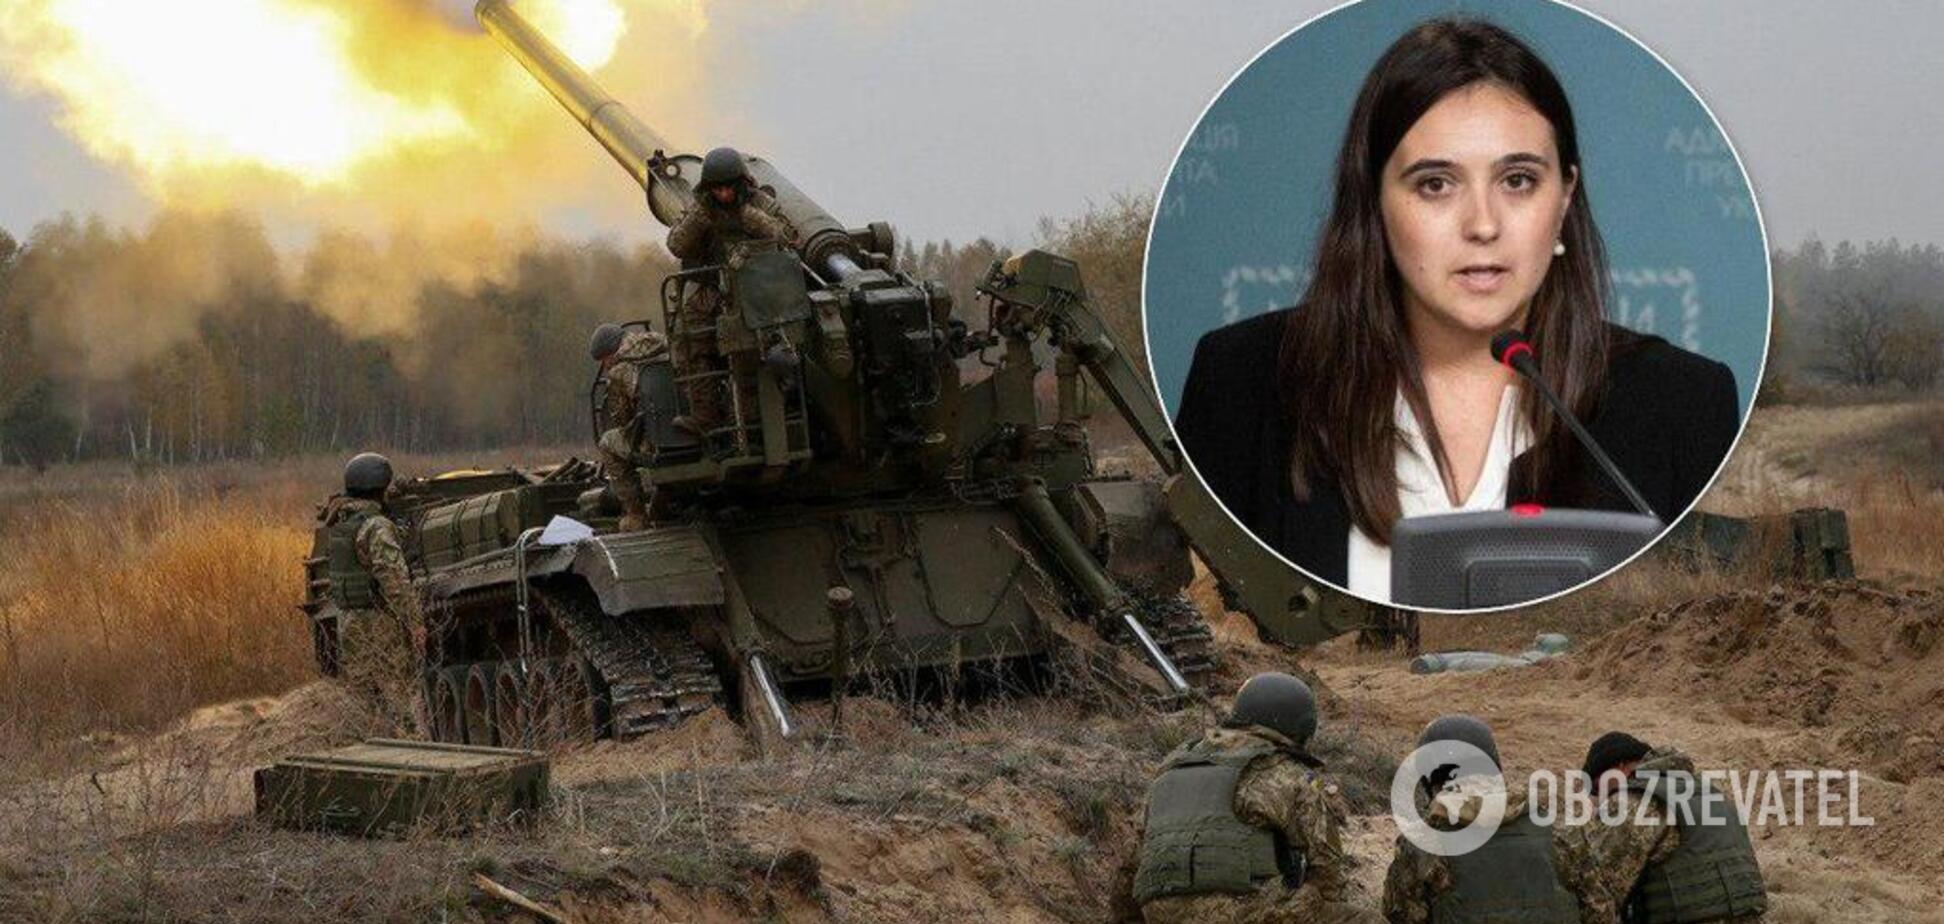 ВСУ убивают мирных жителей? Артиллерист жестко ответил Мендель